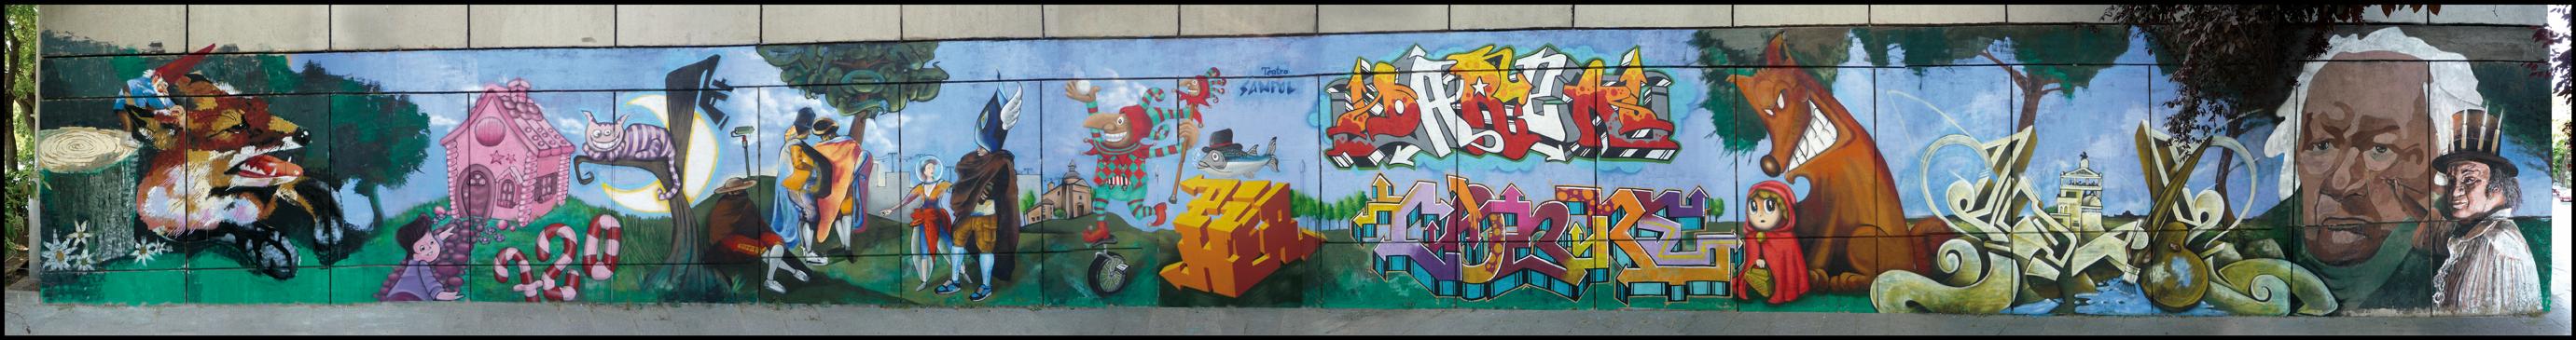 GRAFFITI EN TEATRO SANPOL